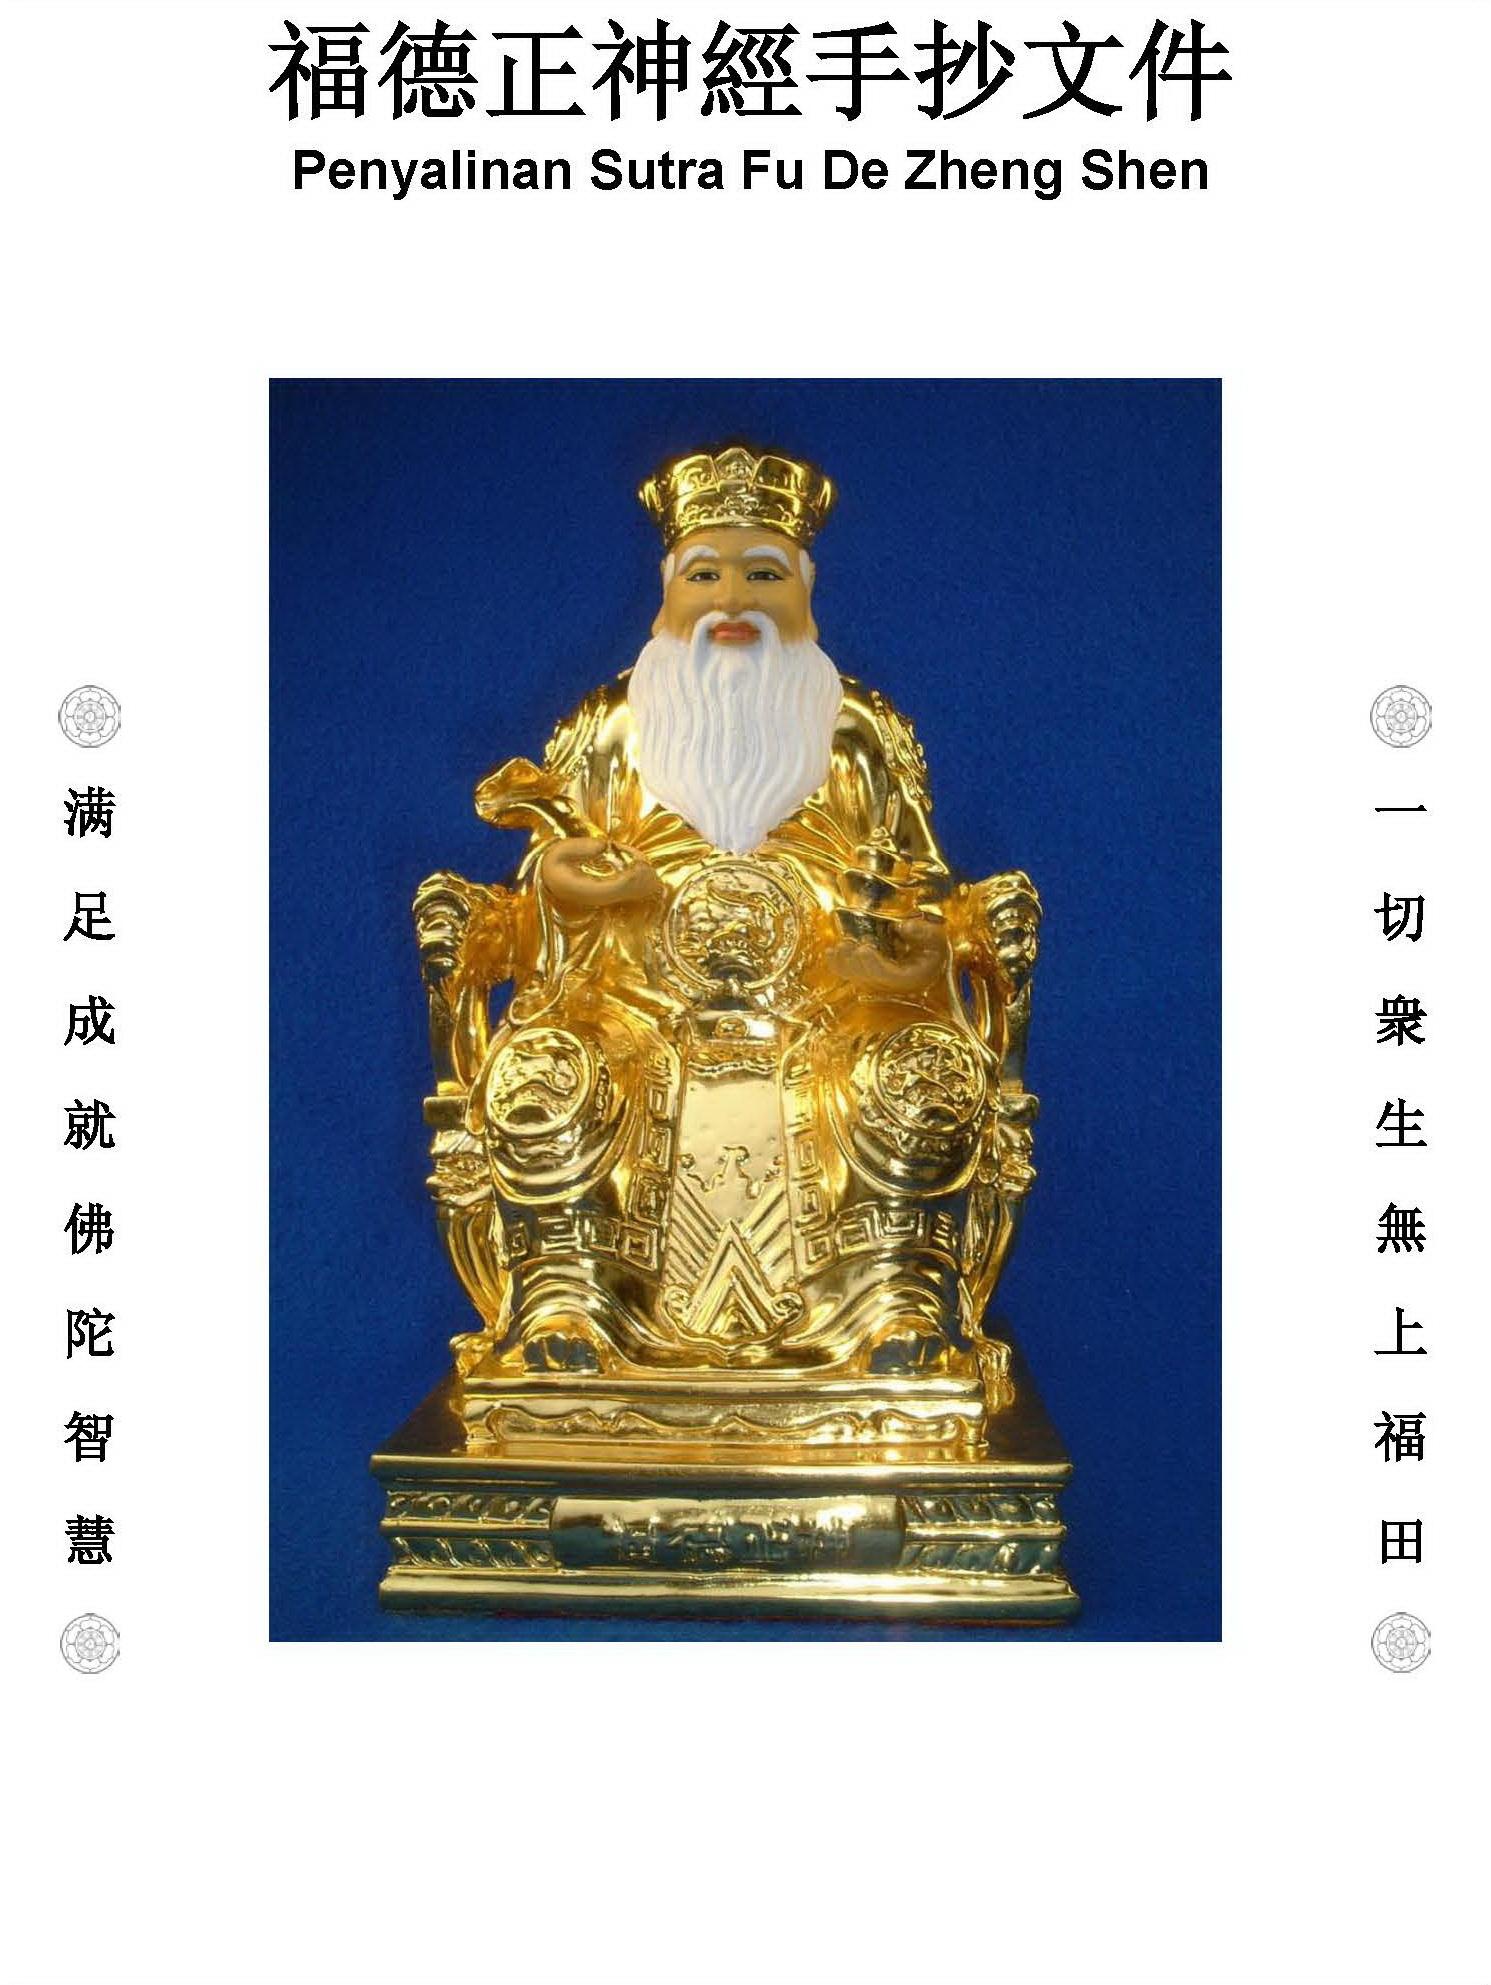 Penyalinan Sutra Fu De Zheng Shen Versi Kedua